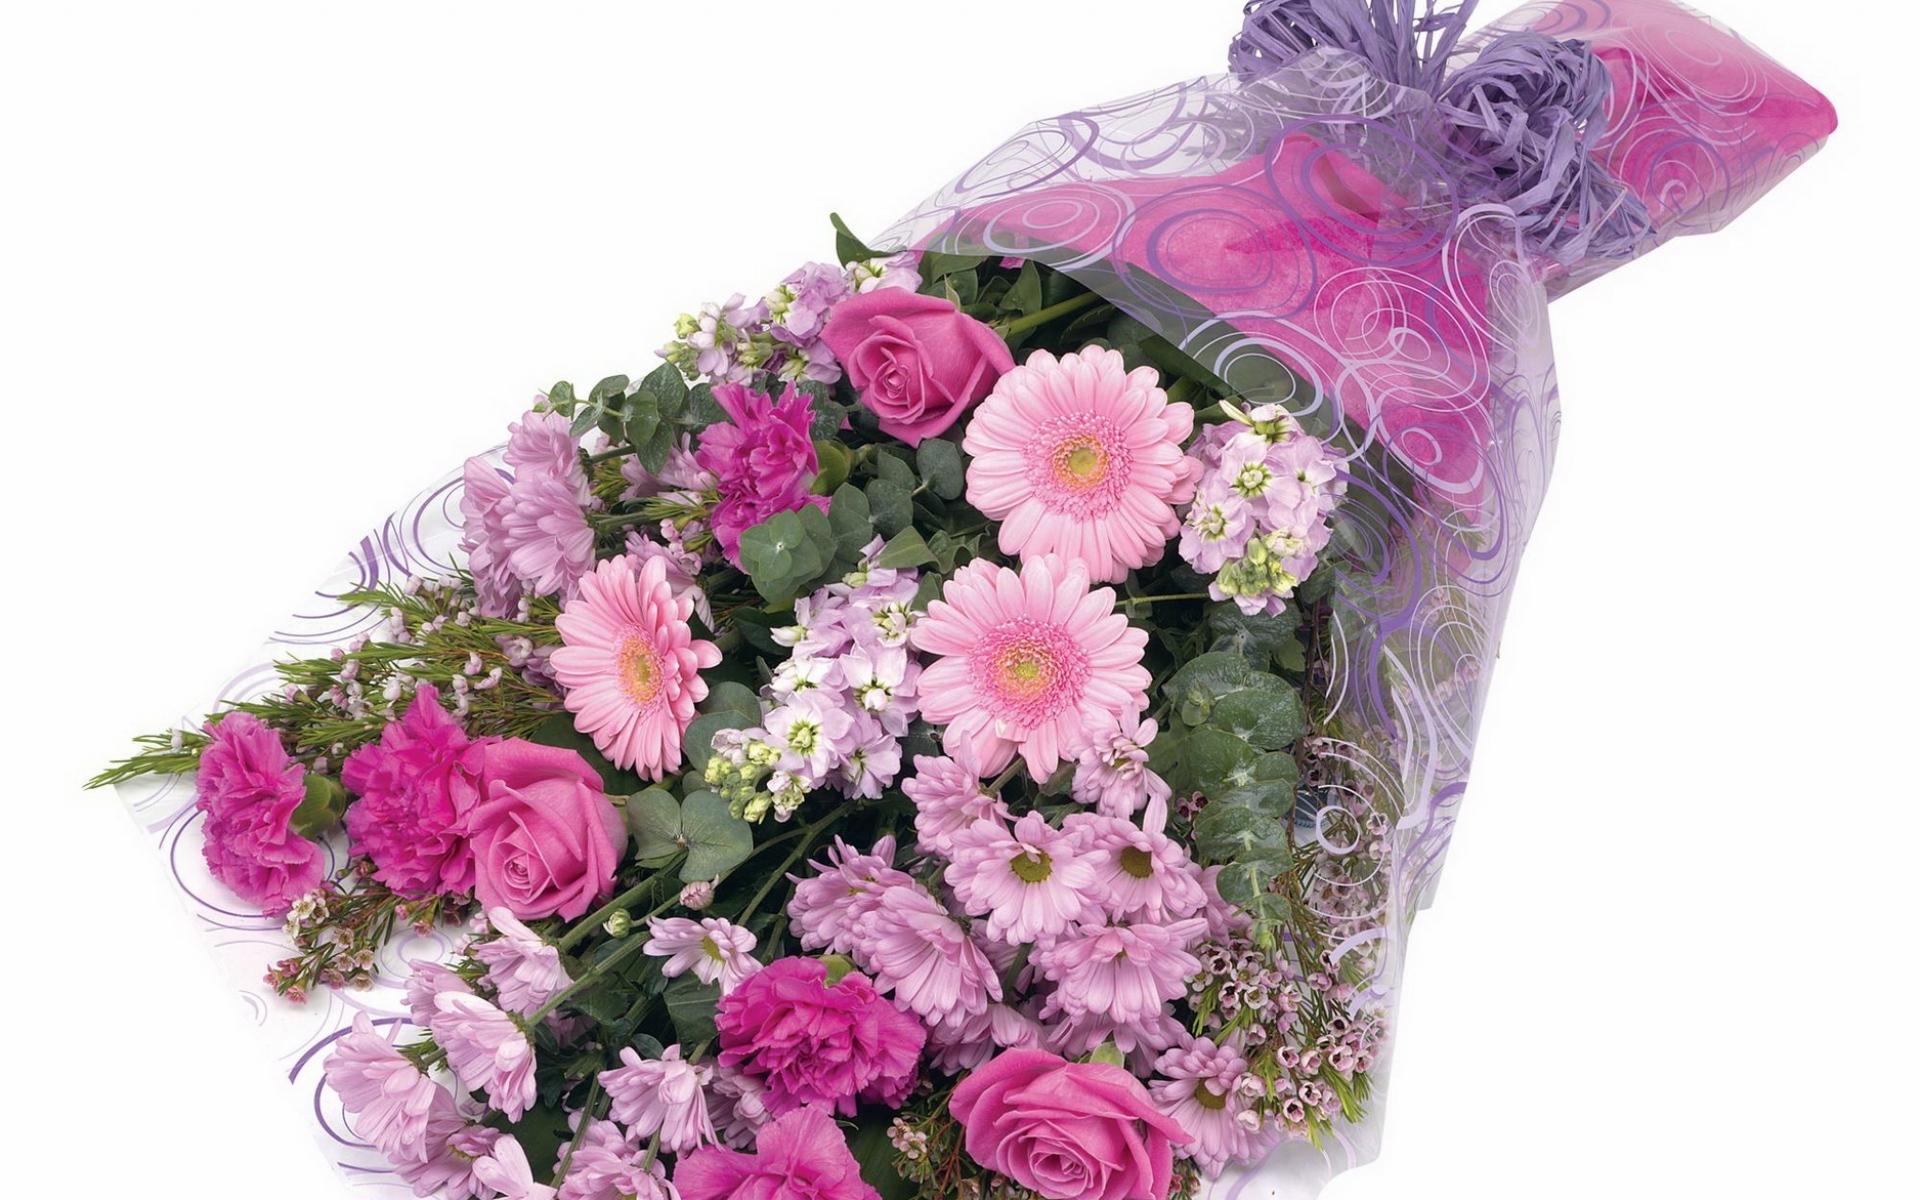 Картинки Розы, хризантемы, герберы, цветы, украшения фото и обои на рабочий стол